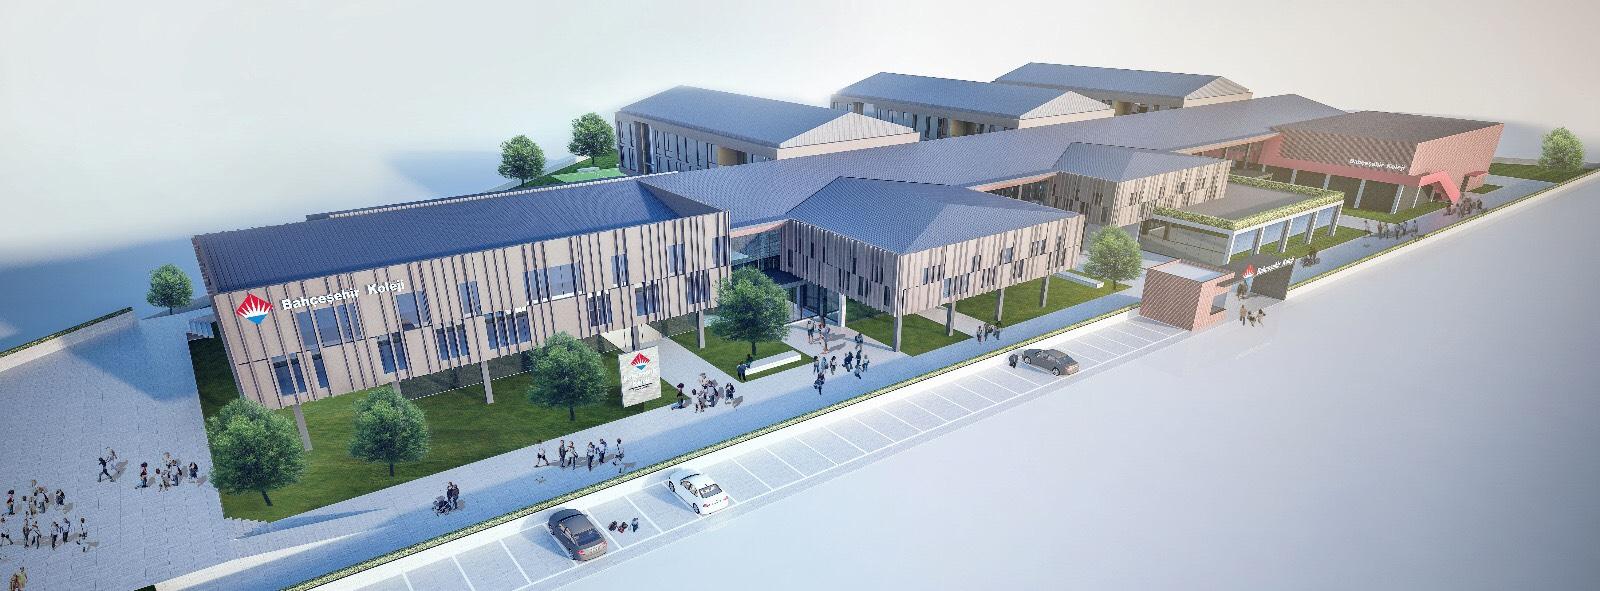 Bahçeşehir Koleji Erzurum Ortaokulu